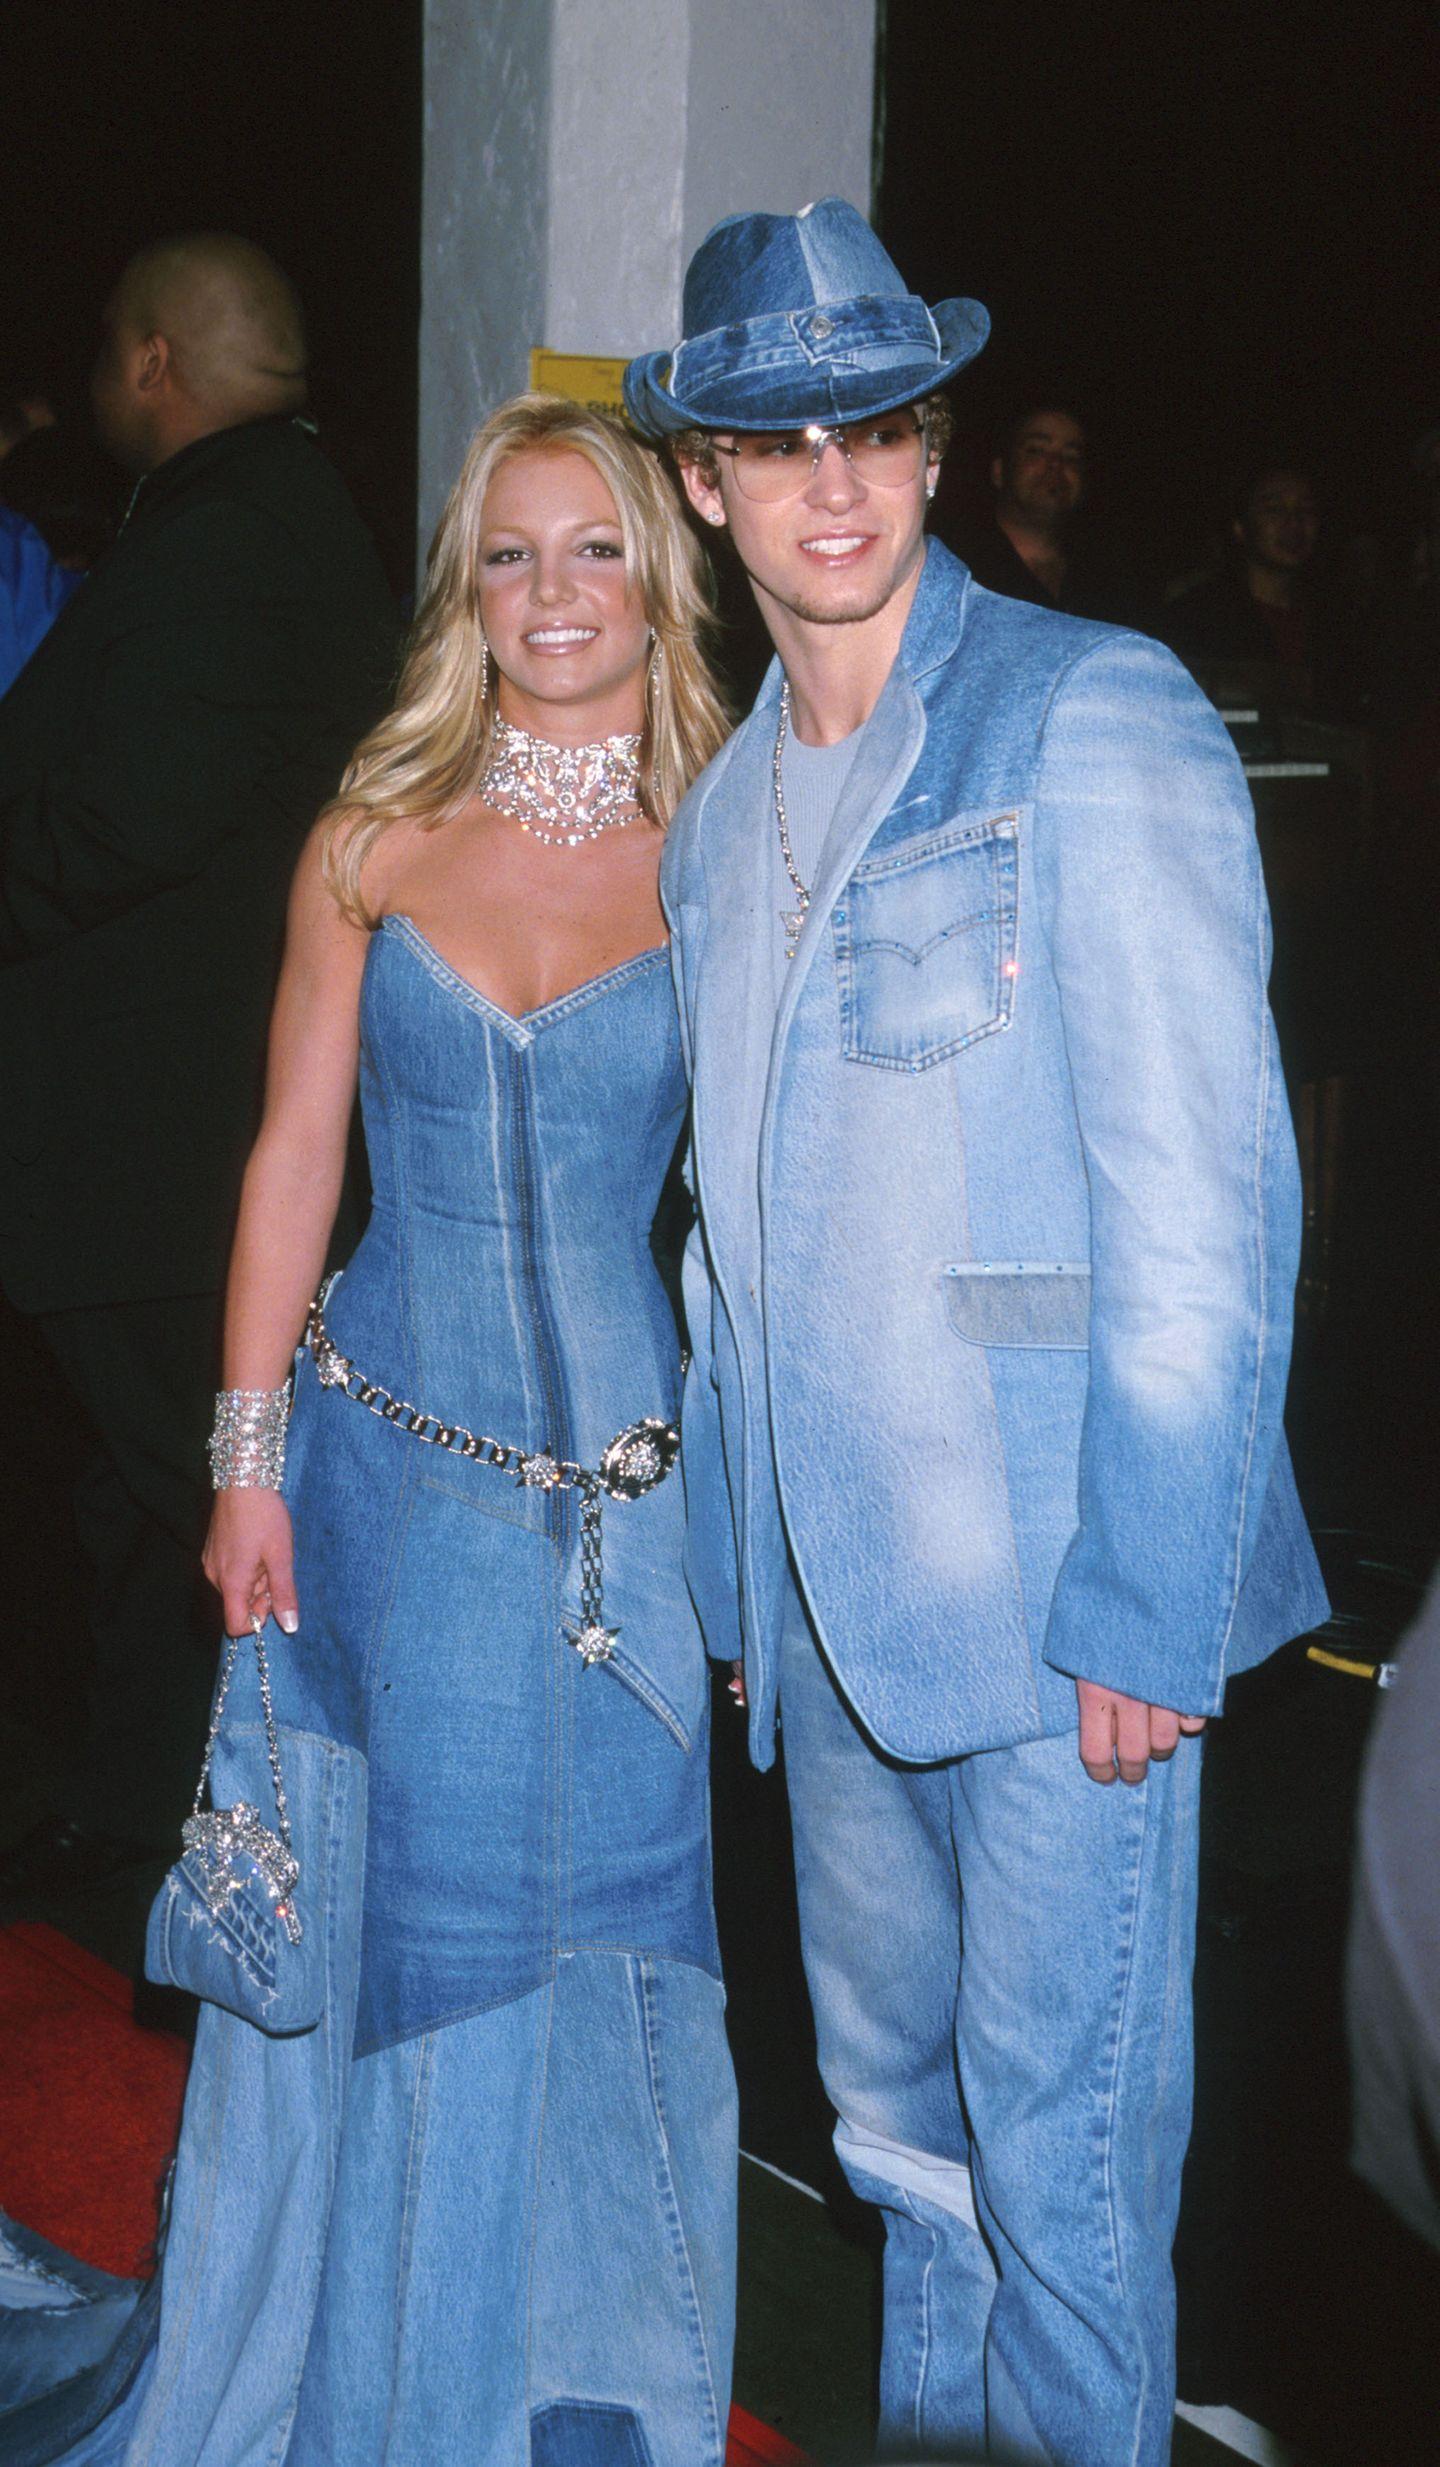 2000er Modetrends: Britney Spears und Justin Timberlake